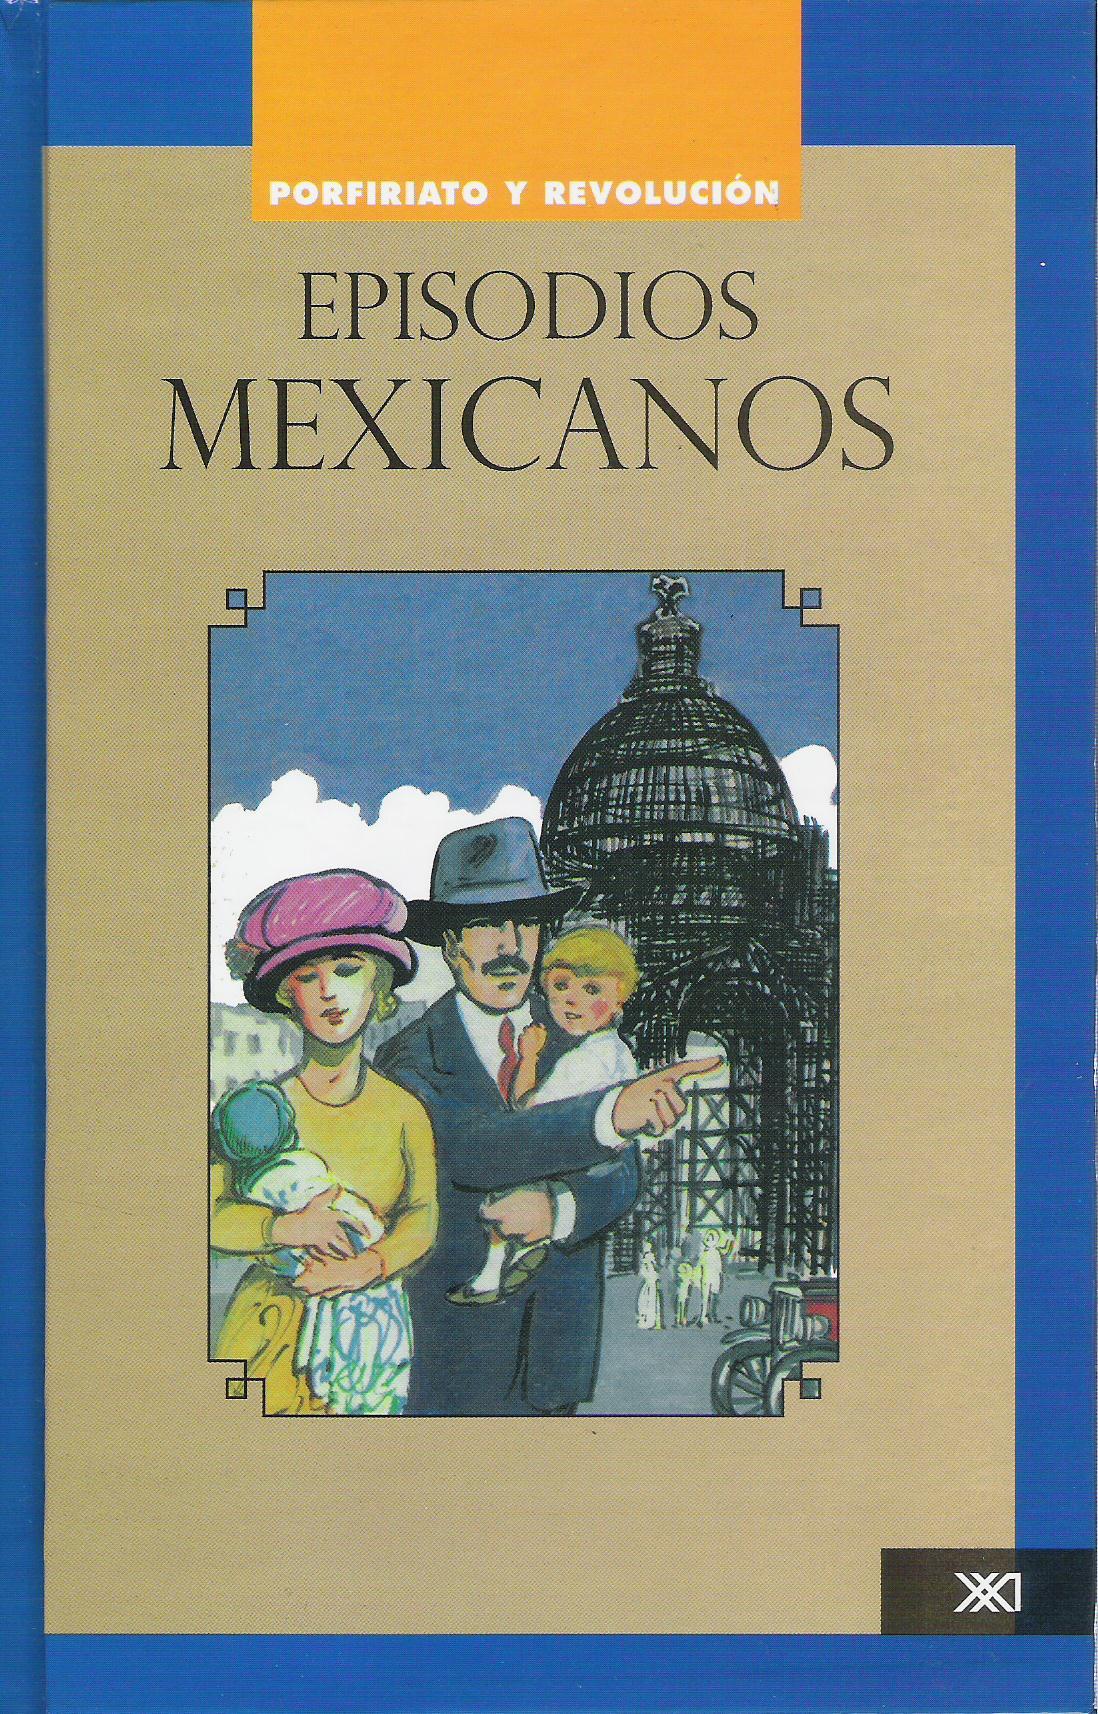 Episodios mexicanos Vol. 3 Porfiriato y Revoluci¢n 001